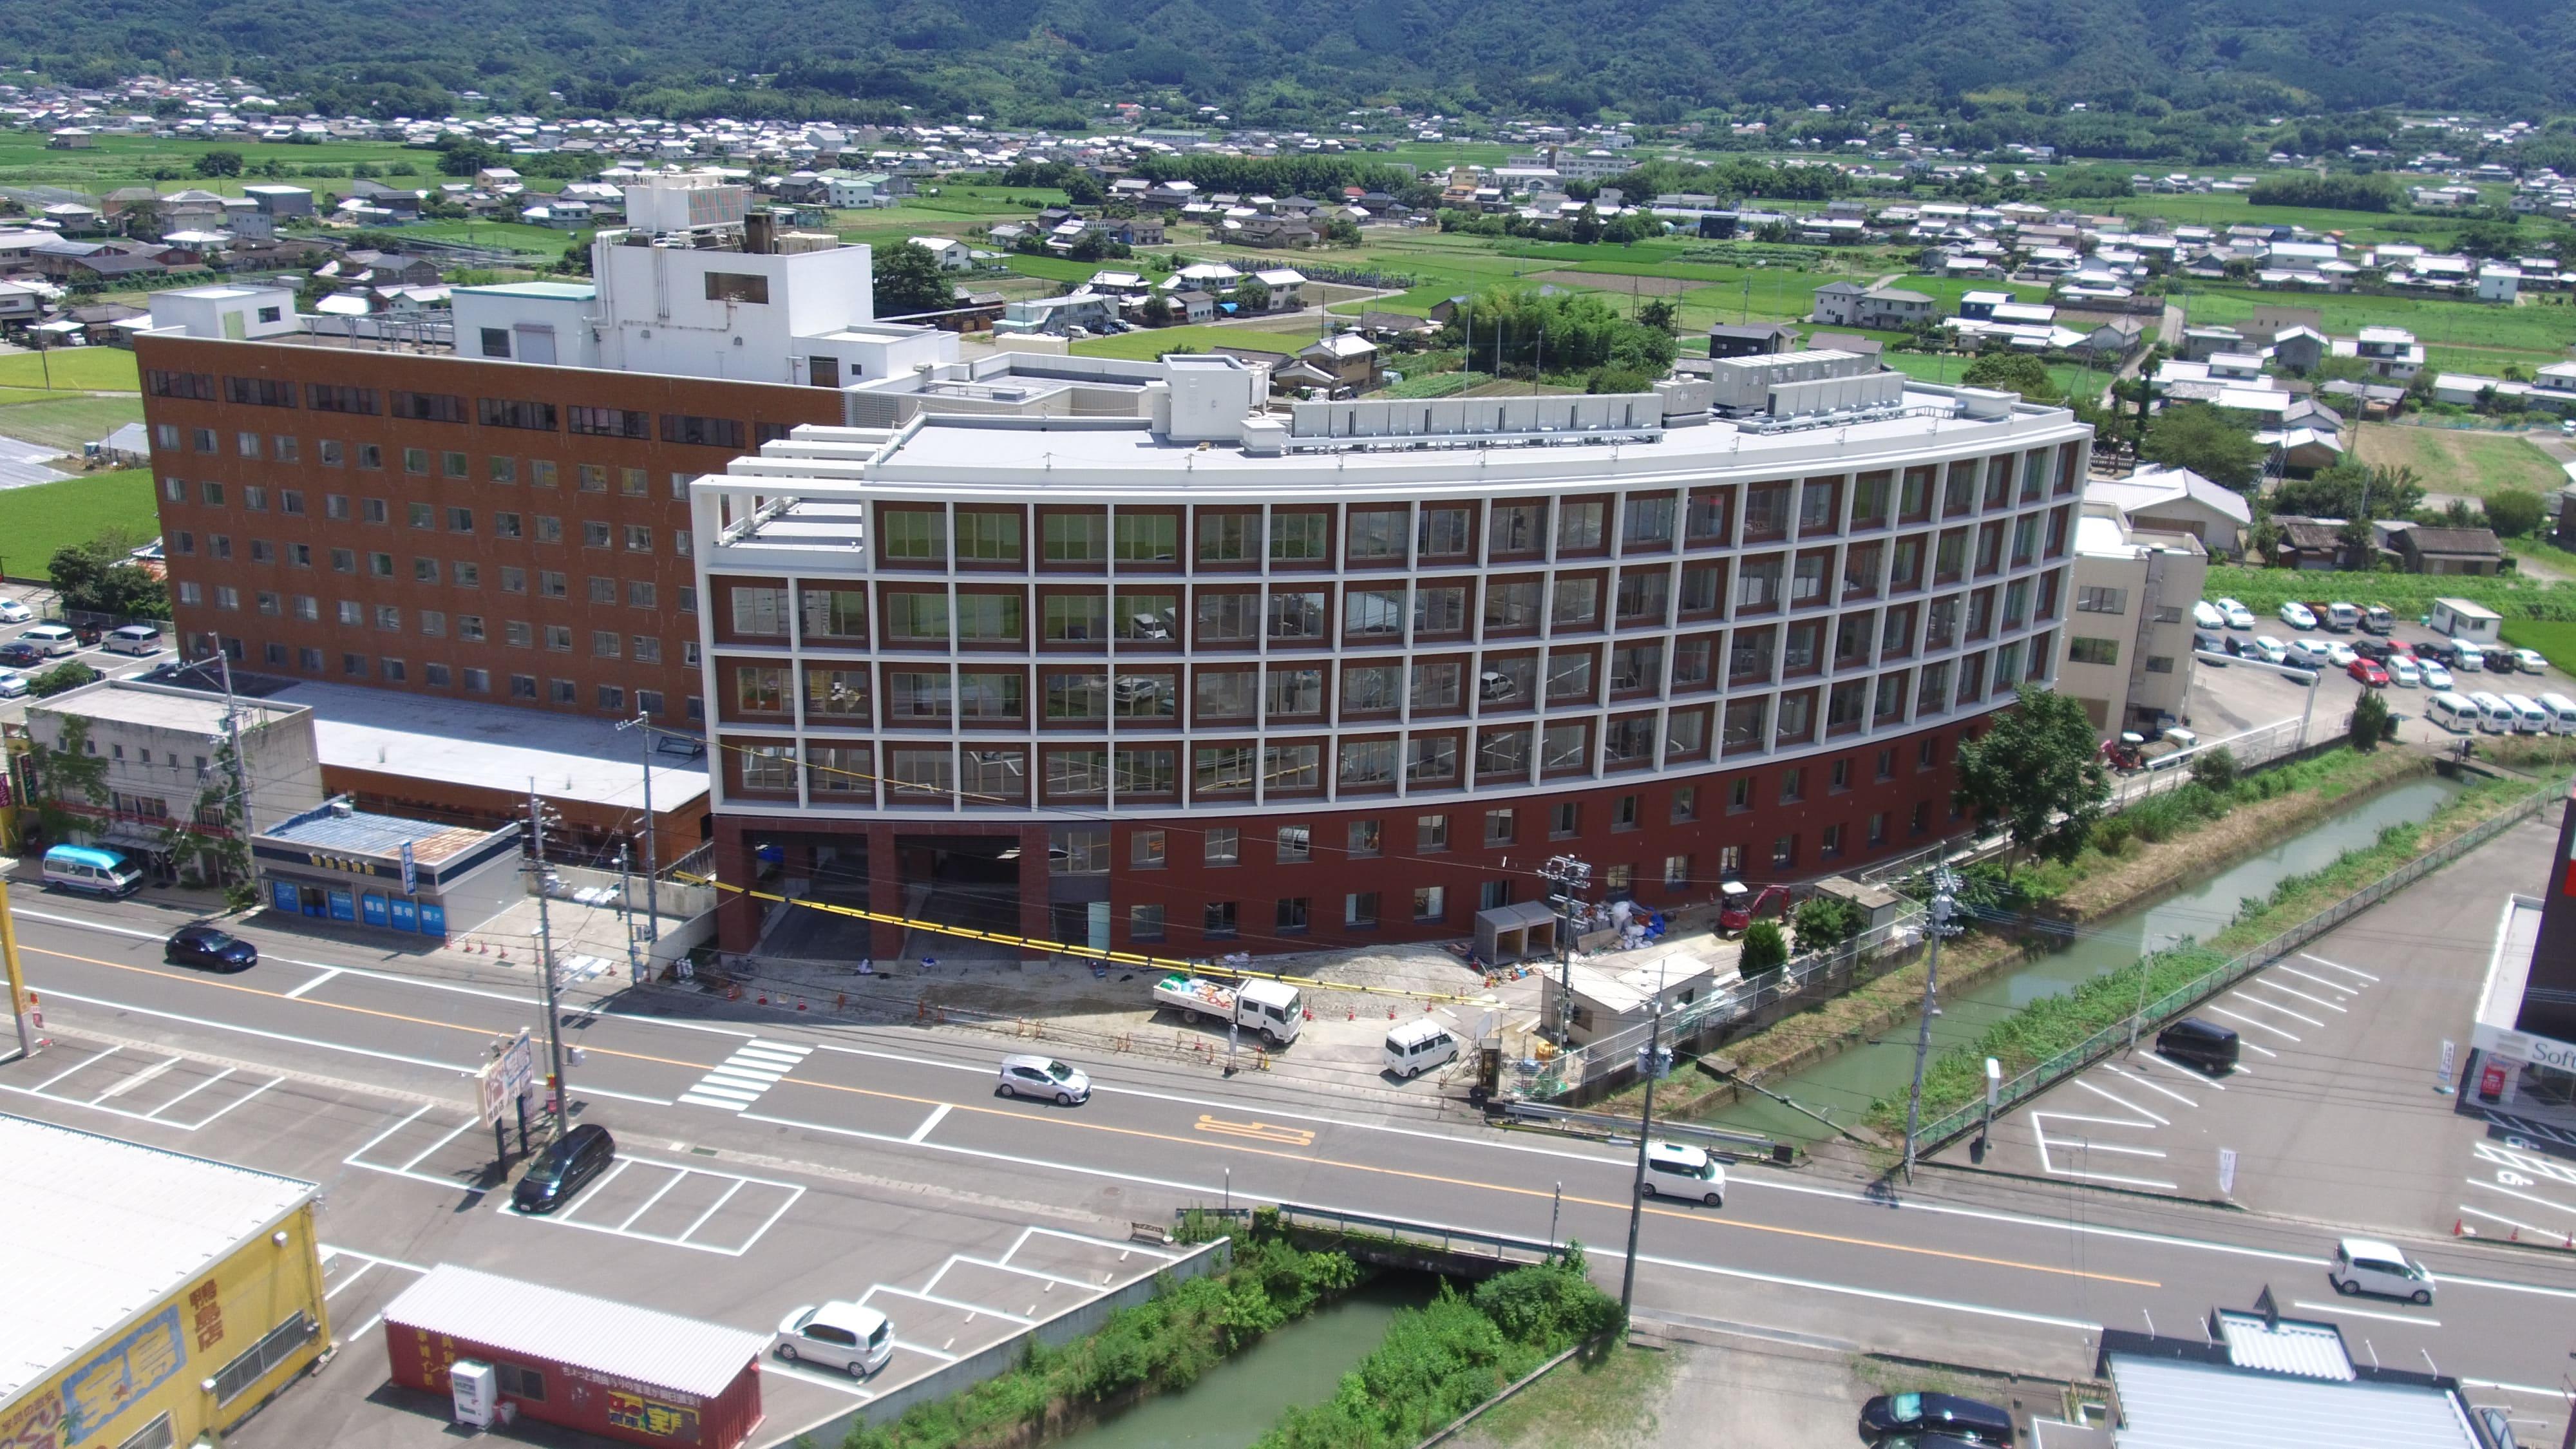 鴨島病院、介護医療院鴨島病院、介護老人保健施設長寿園